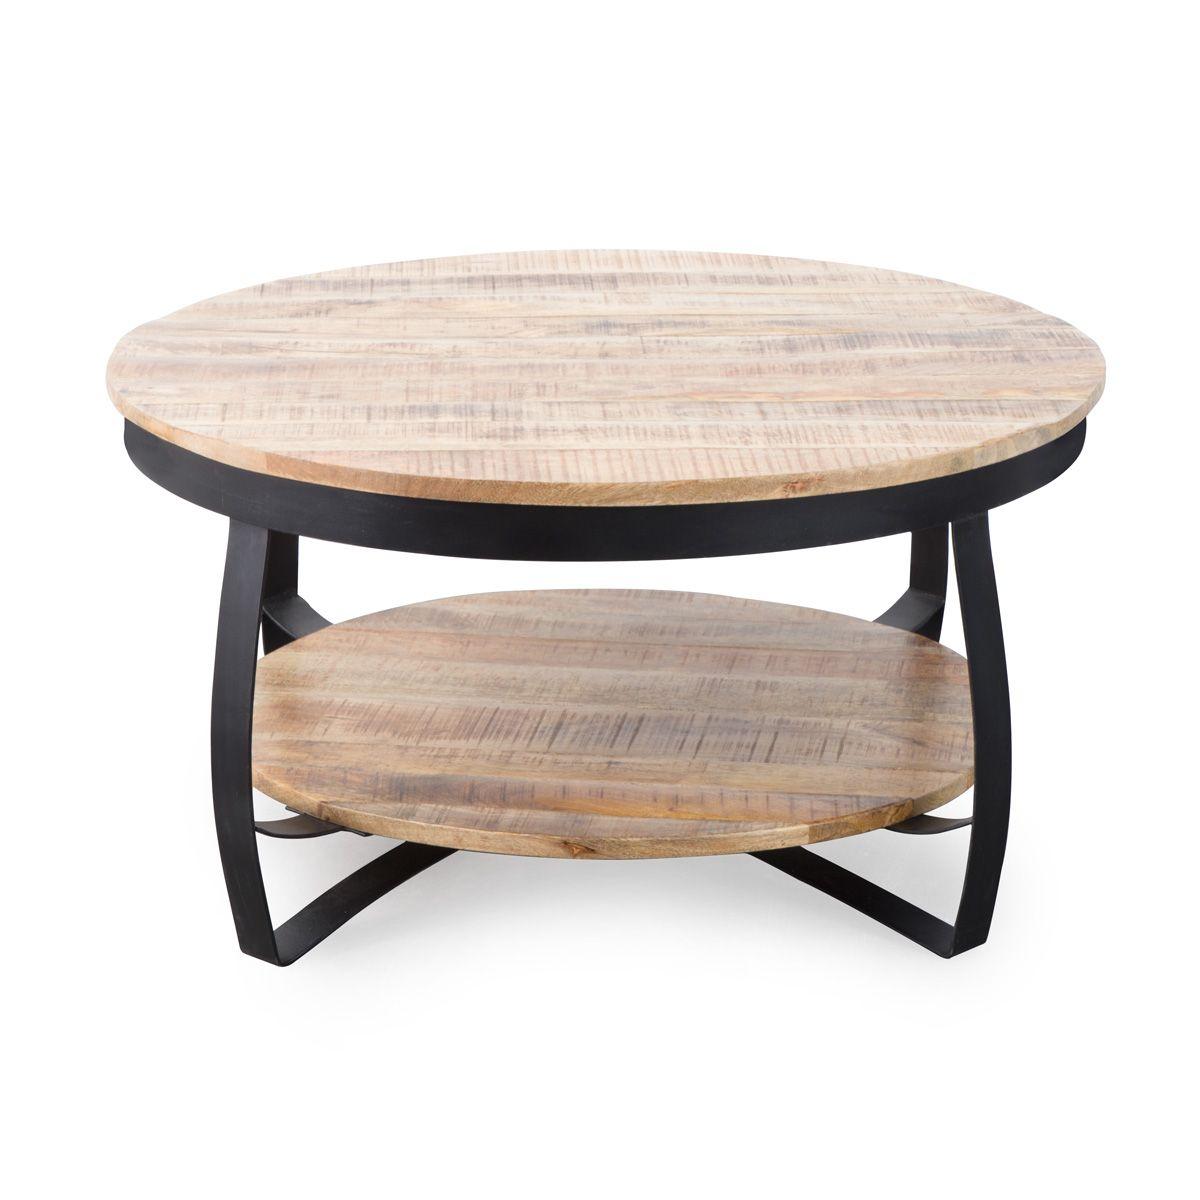 Table basse industrielle ronde bois et métal deux plateaux | GL48